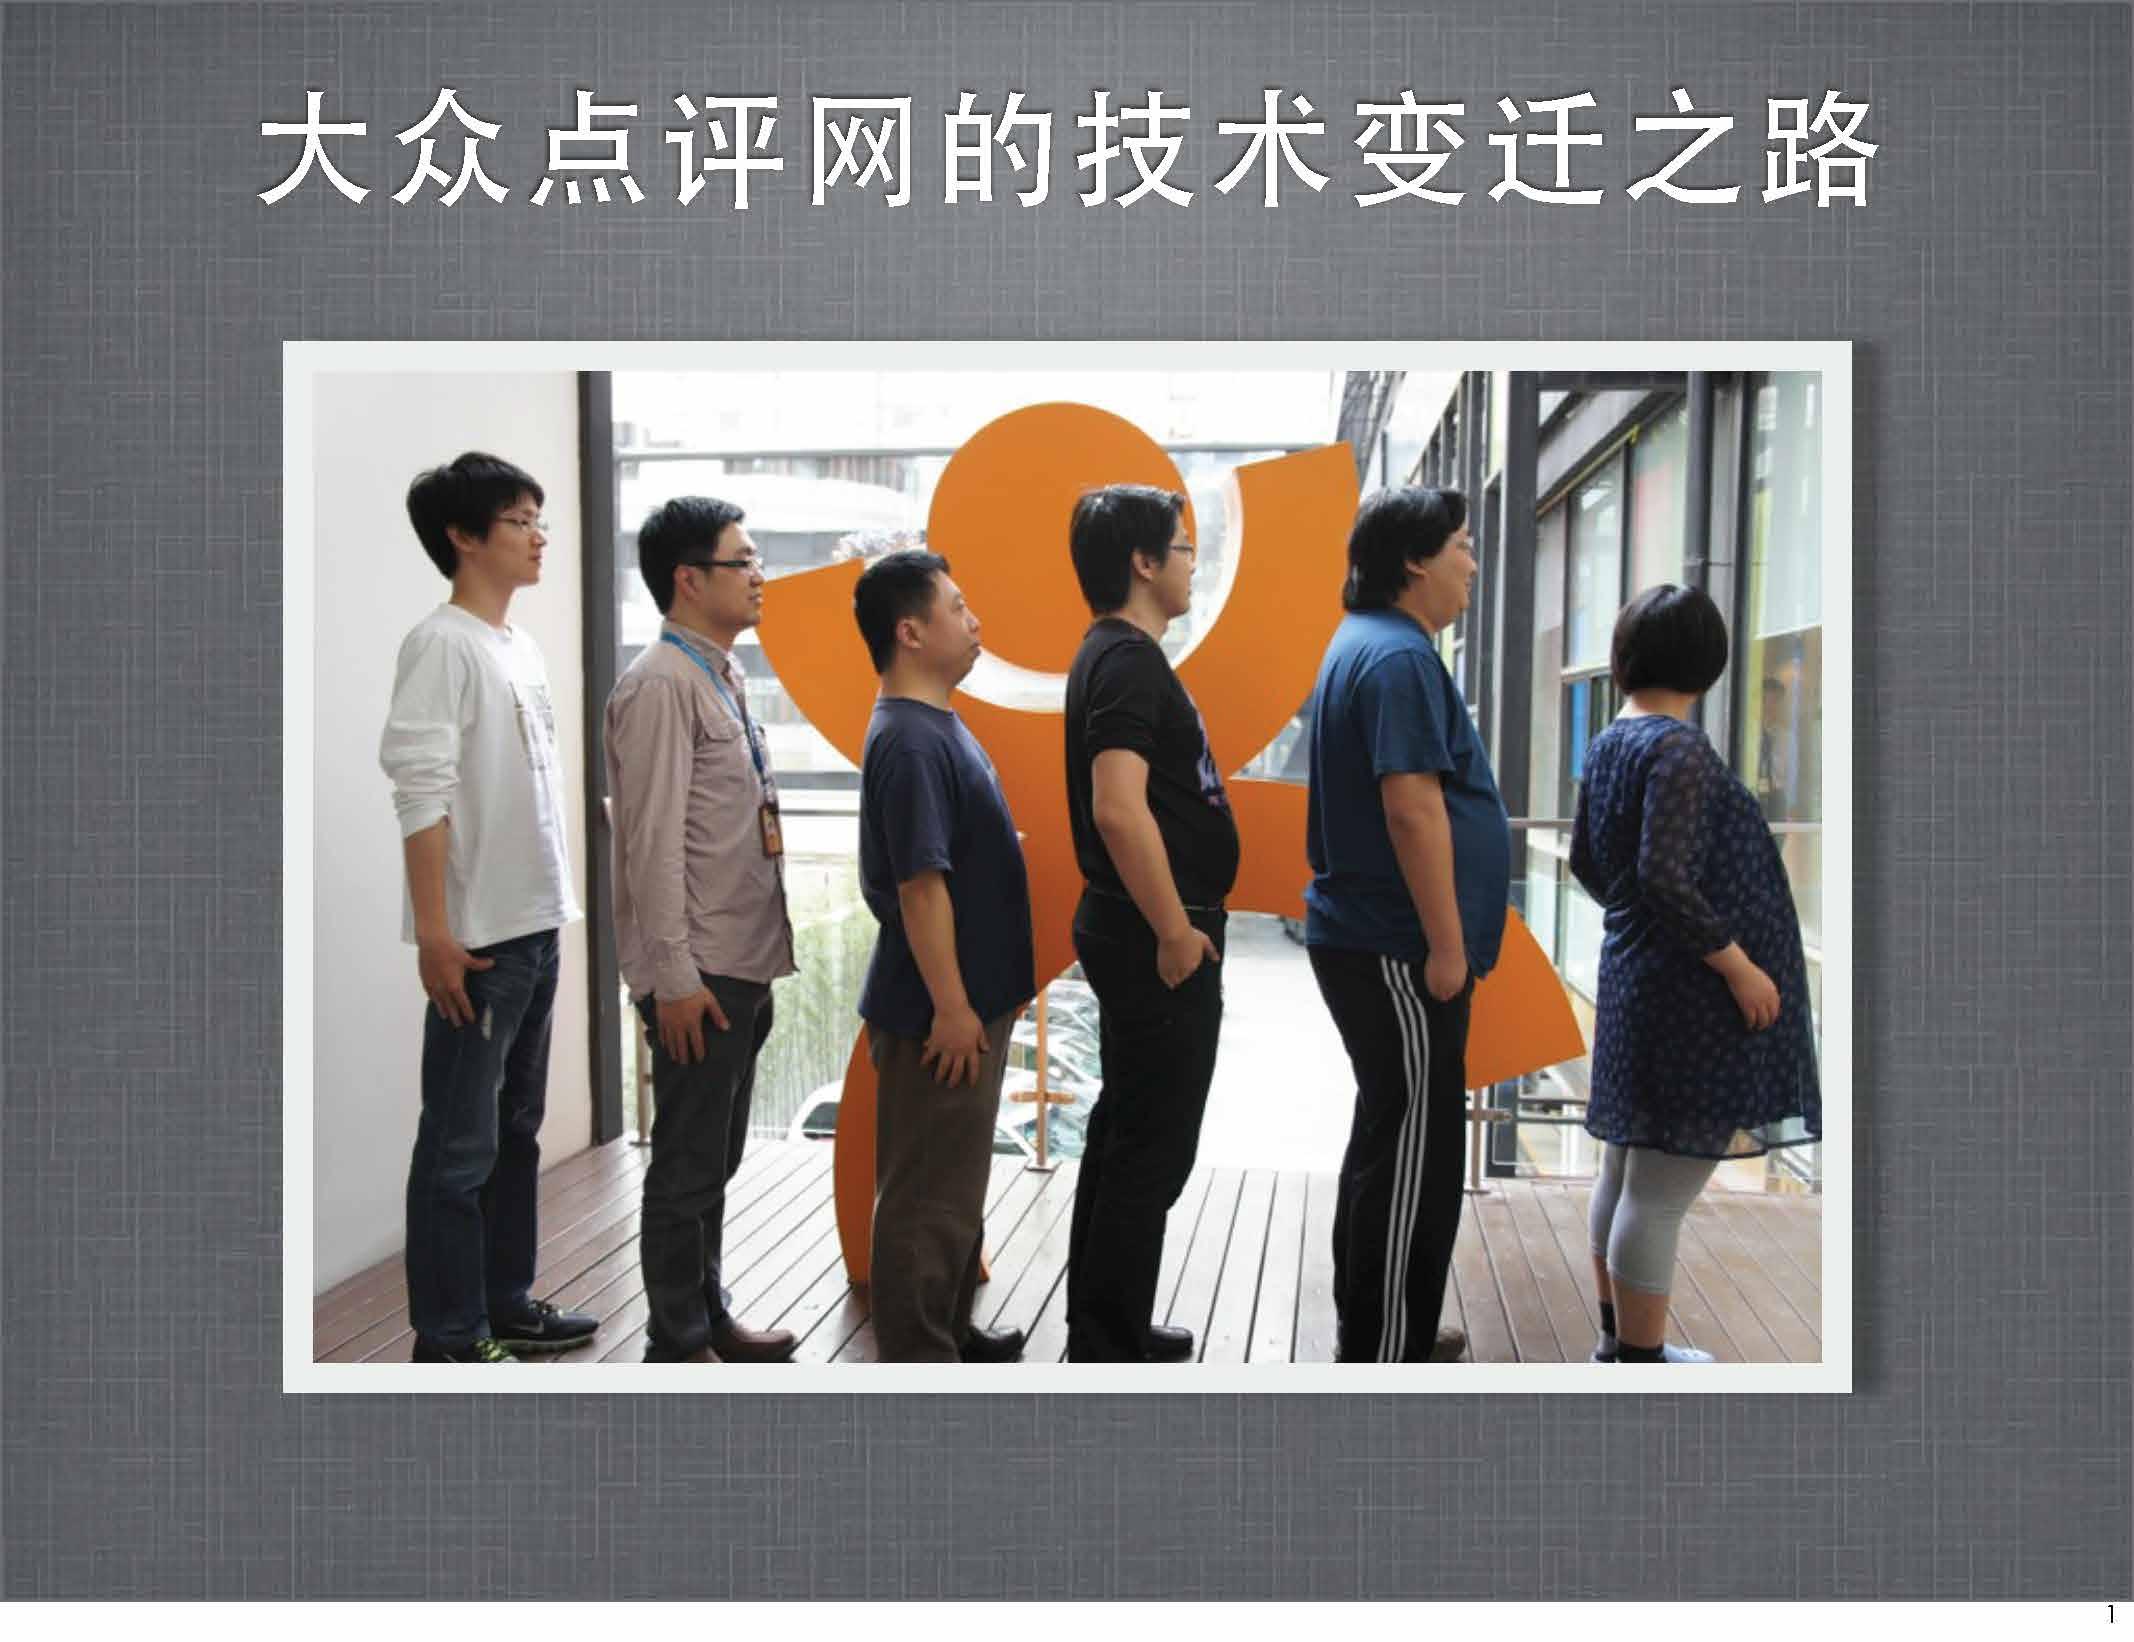 王宏-大众点评网的Web开发之路